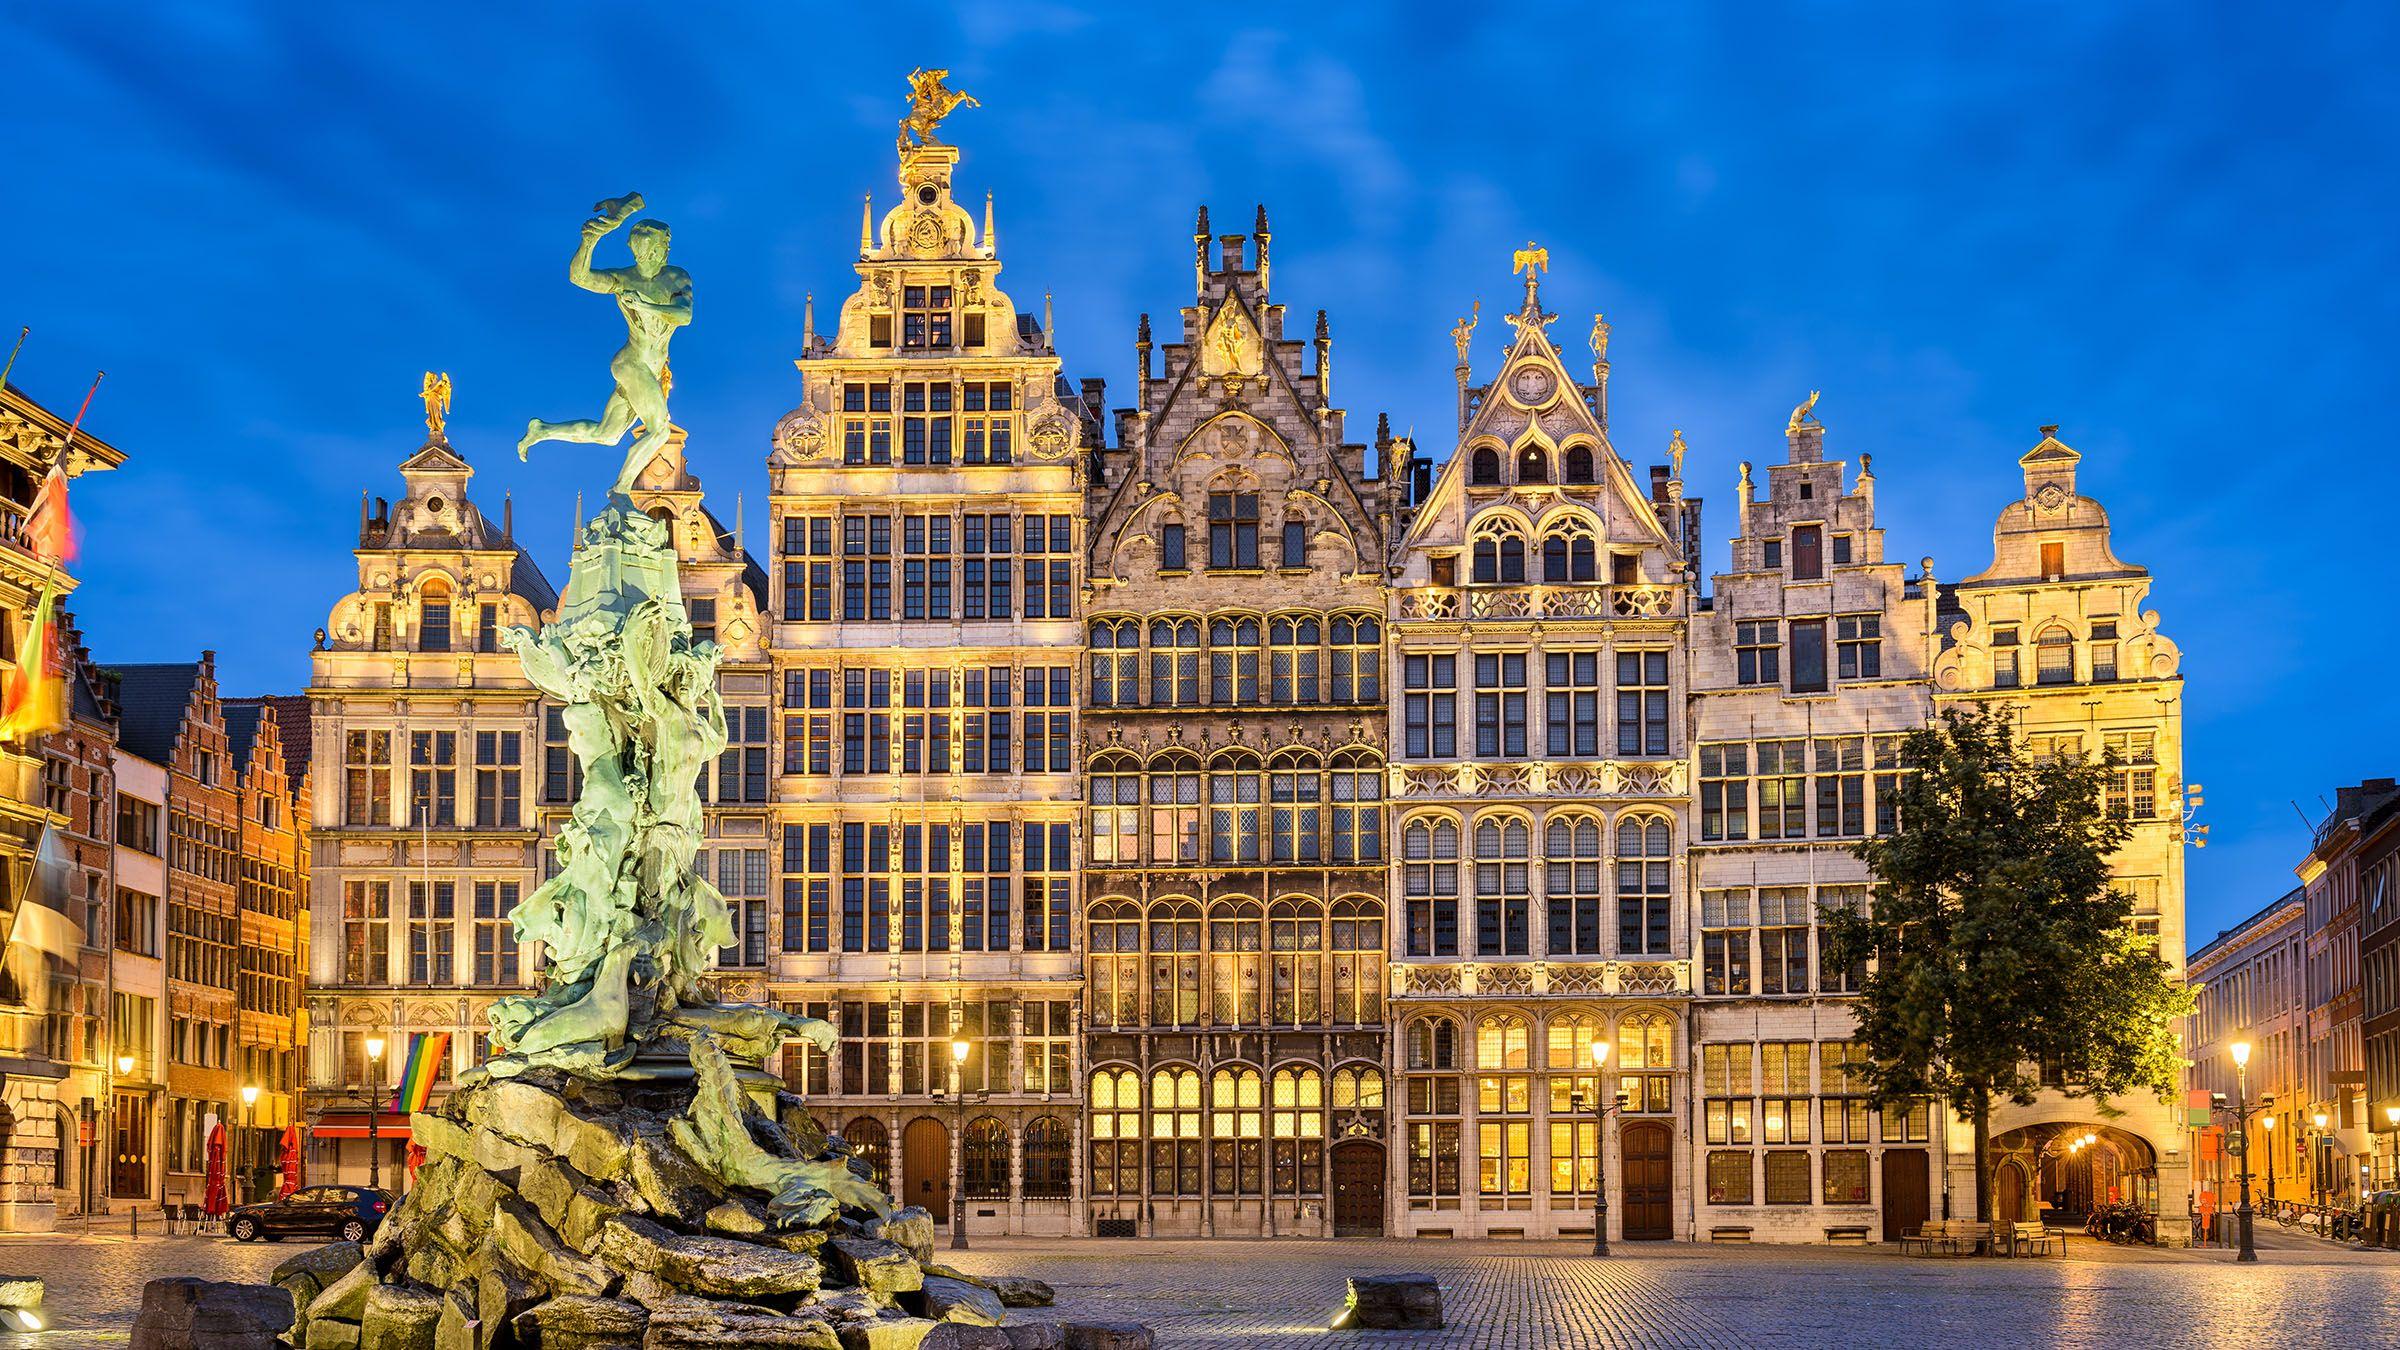 La hermosa Plaza Mayor de Amberes, Bélgica | Destinos viajes ...